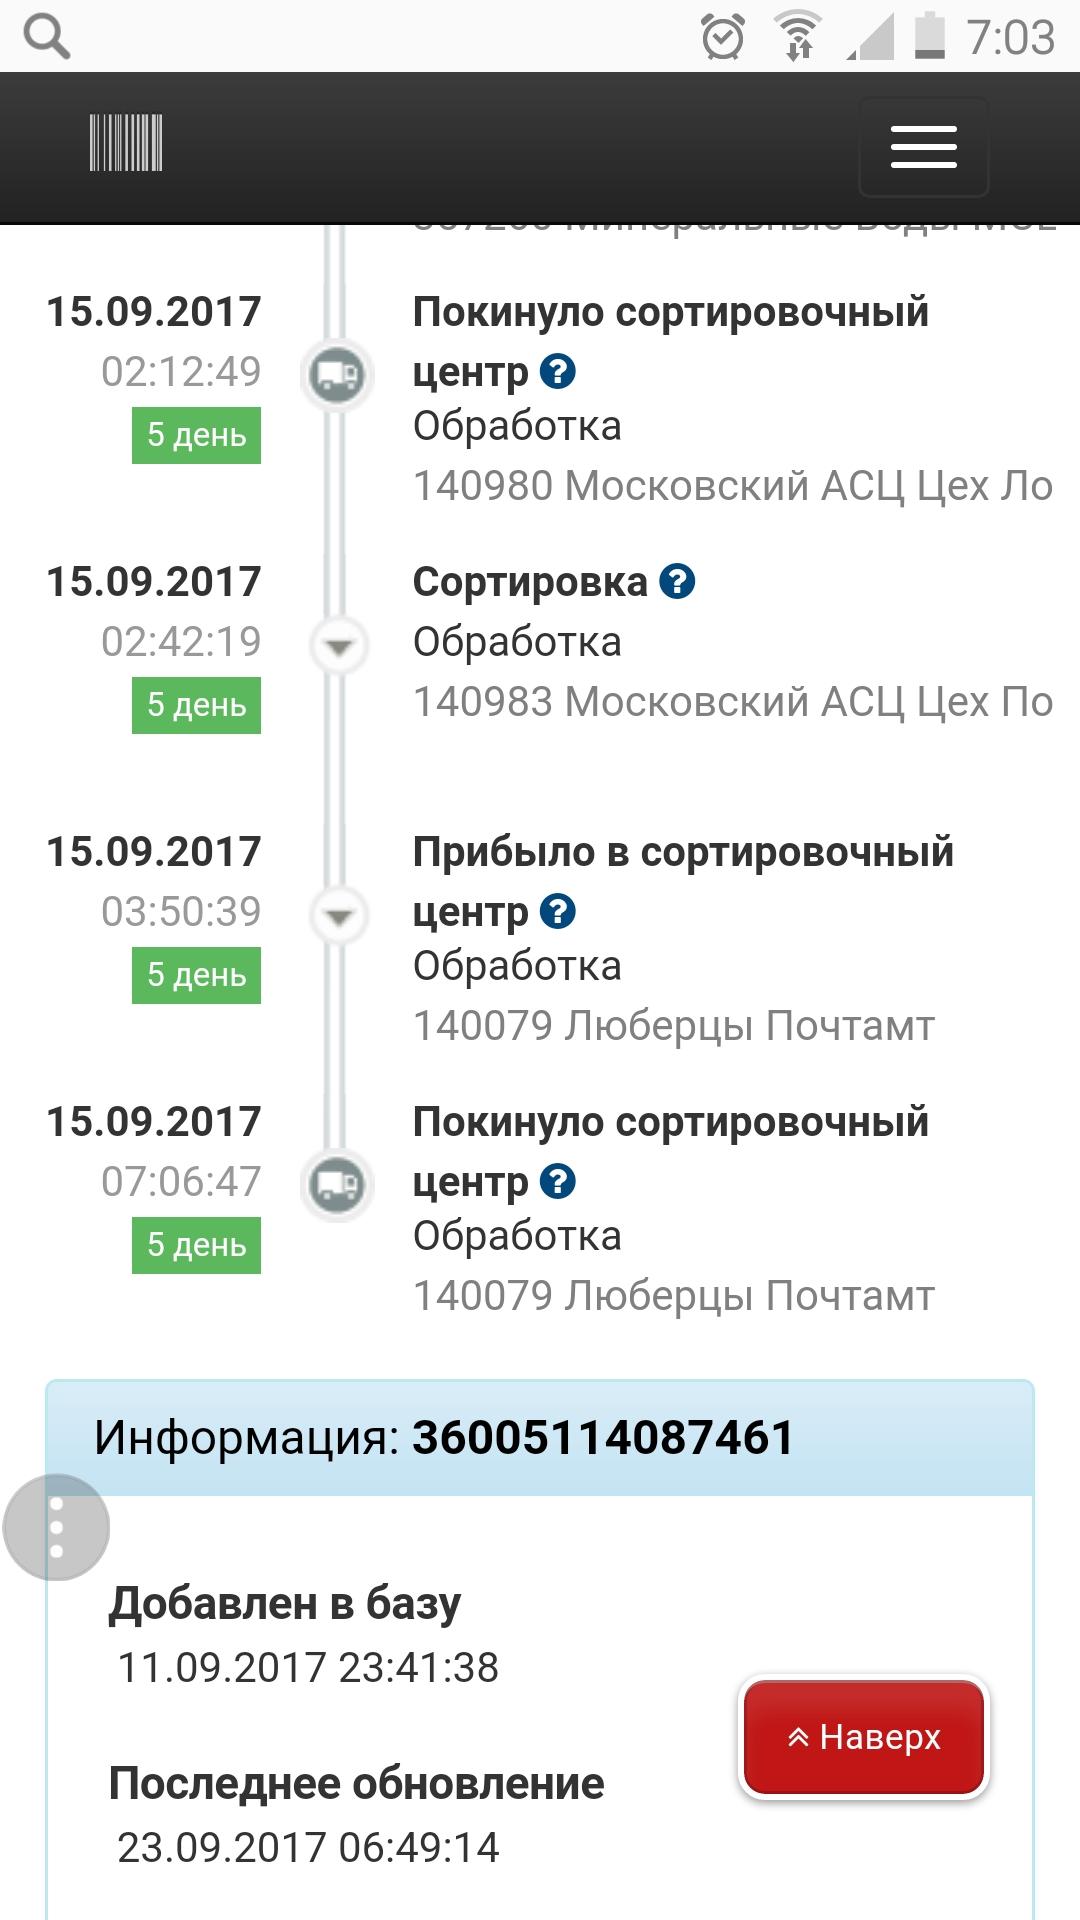 Индекс 140980 какой город царская монета 1 рубль